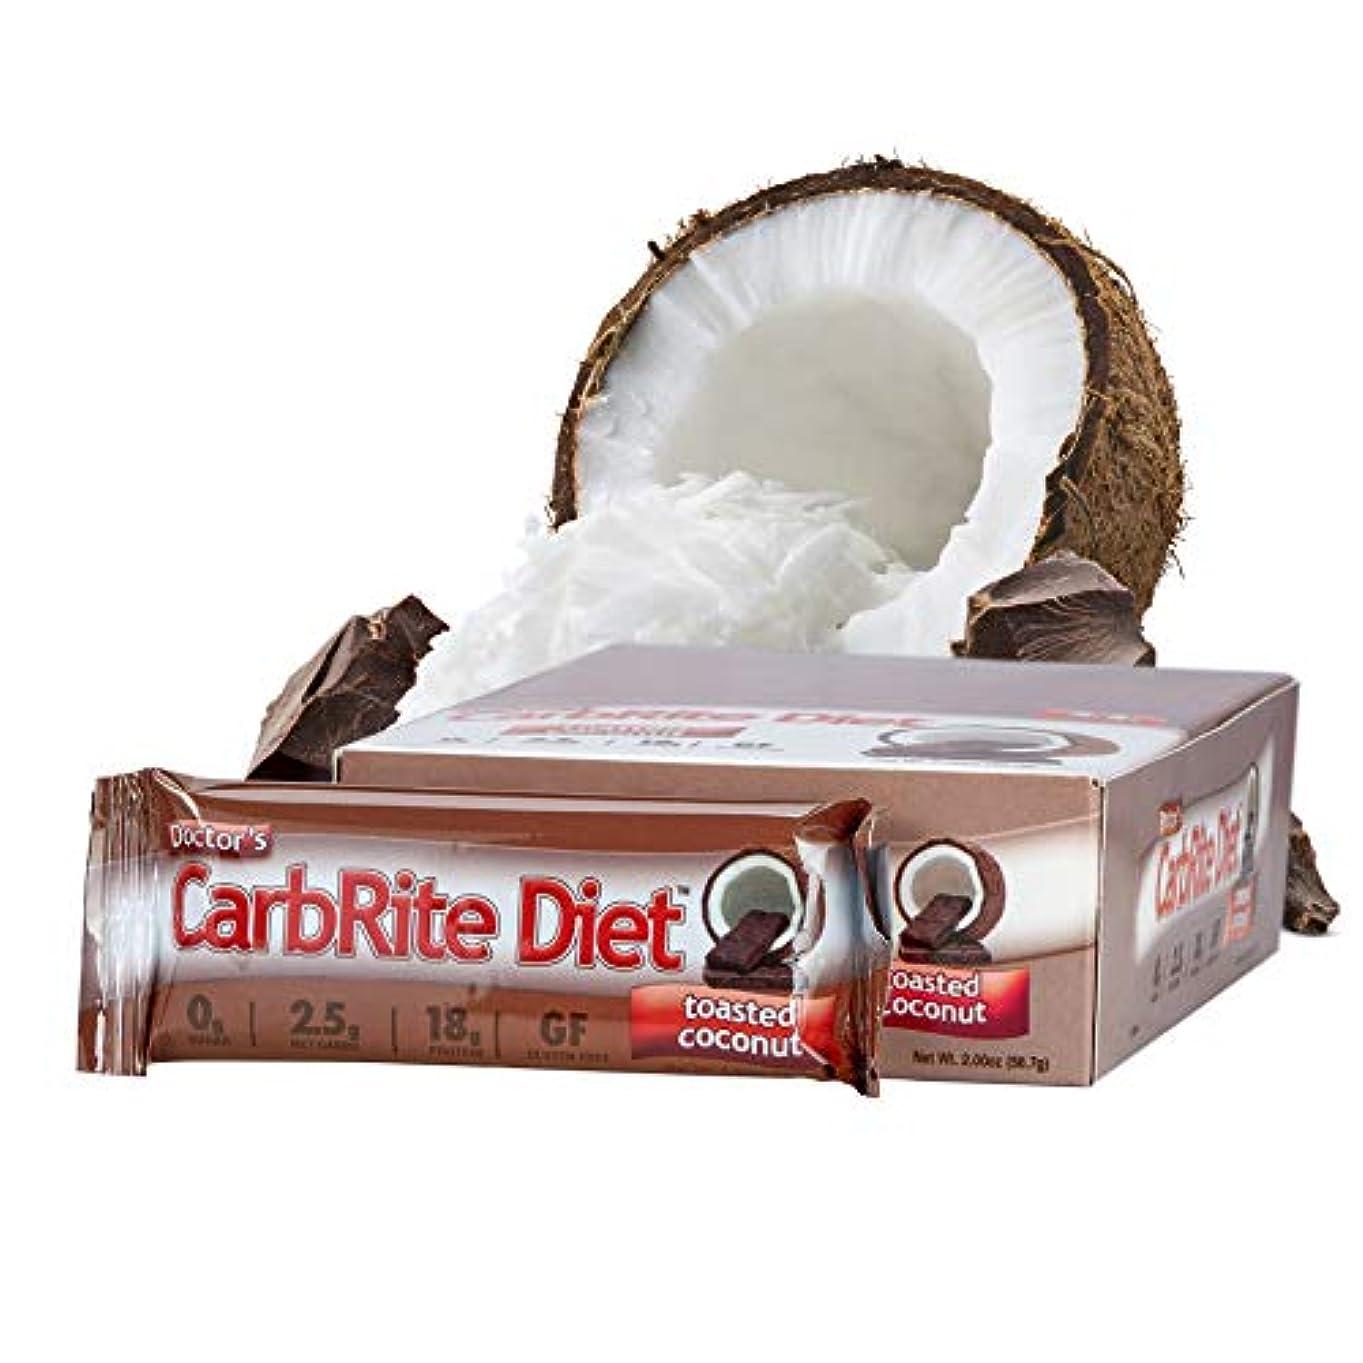 ステッチヒューズ解放Universal Nutrition - Doctor's CarbRite ダイエット バー ボックス トースト ココナッツ - 1バー